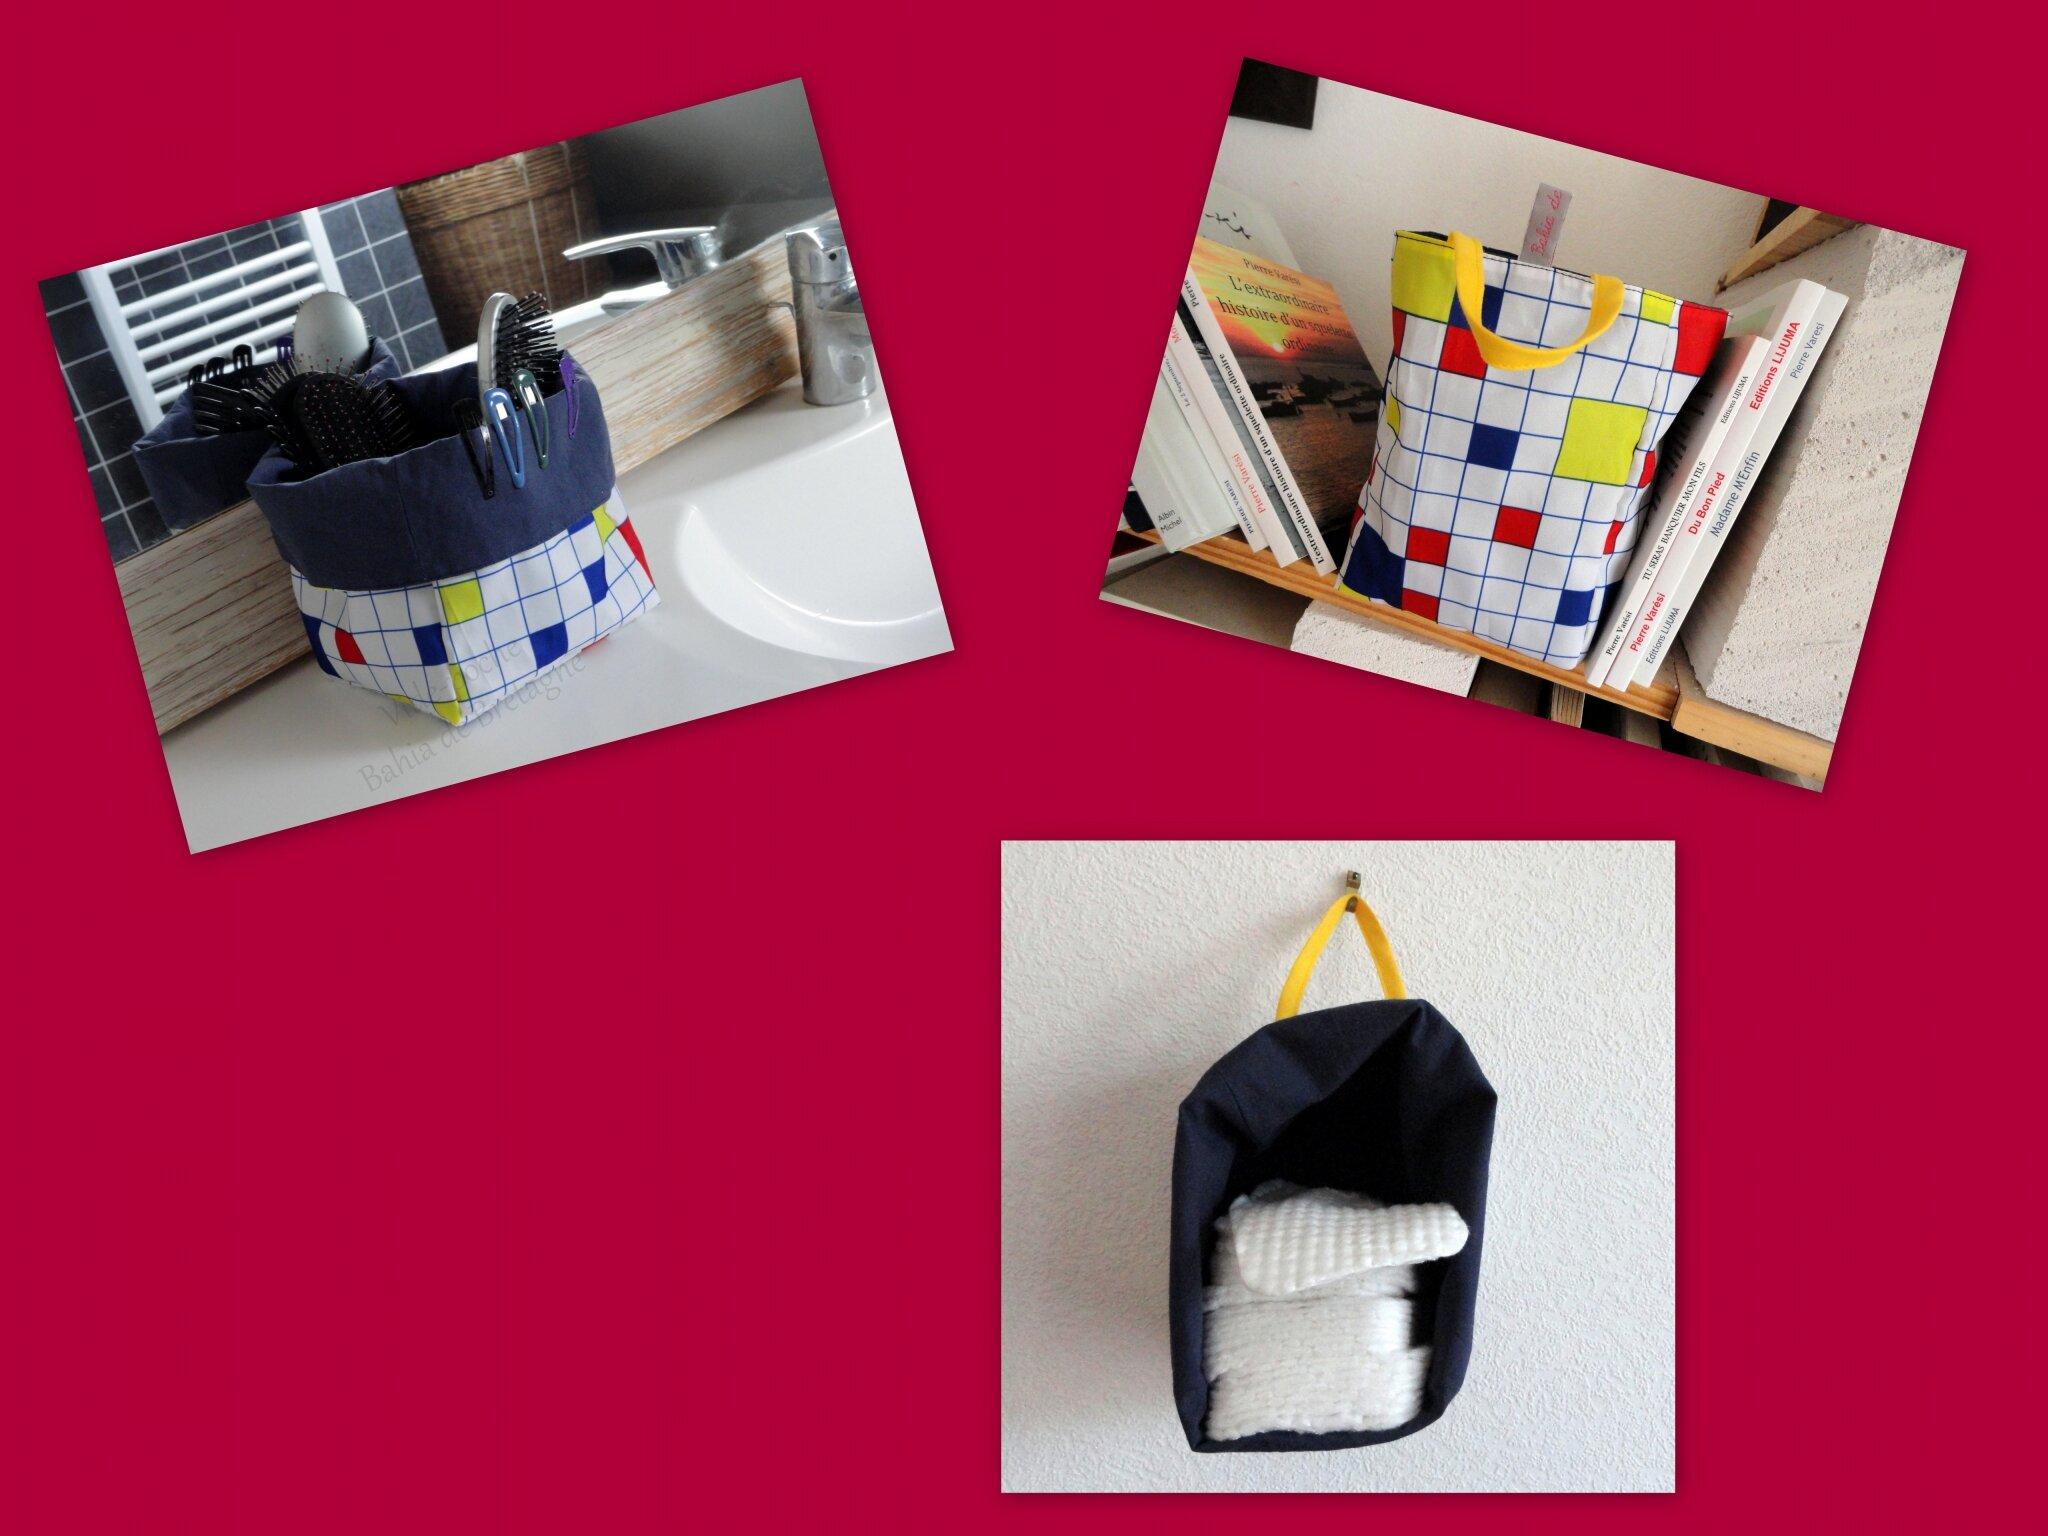 Montage VP à la Mondrian